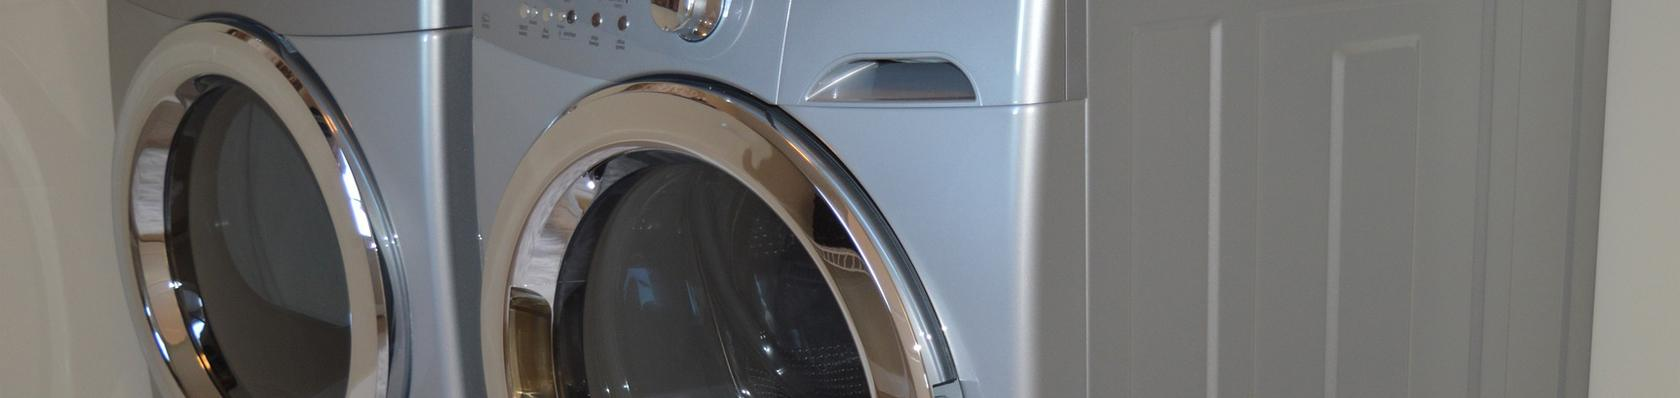 8kg Waschmaschinen im Test auf ExpertenTesten.de